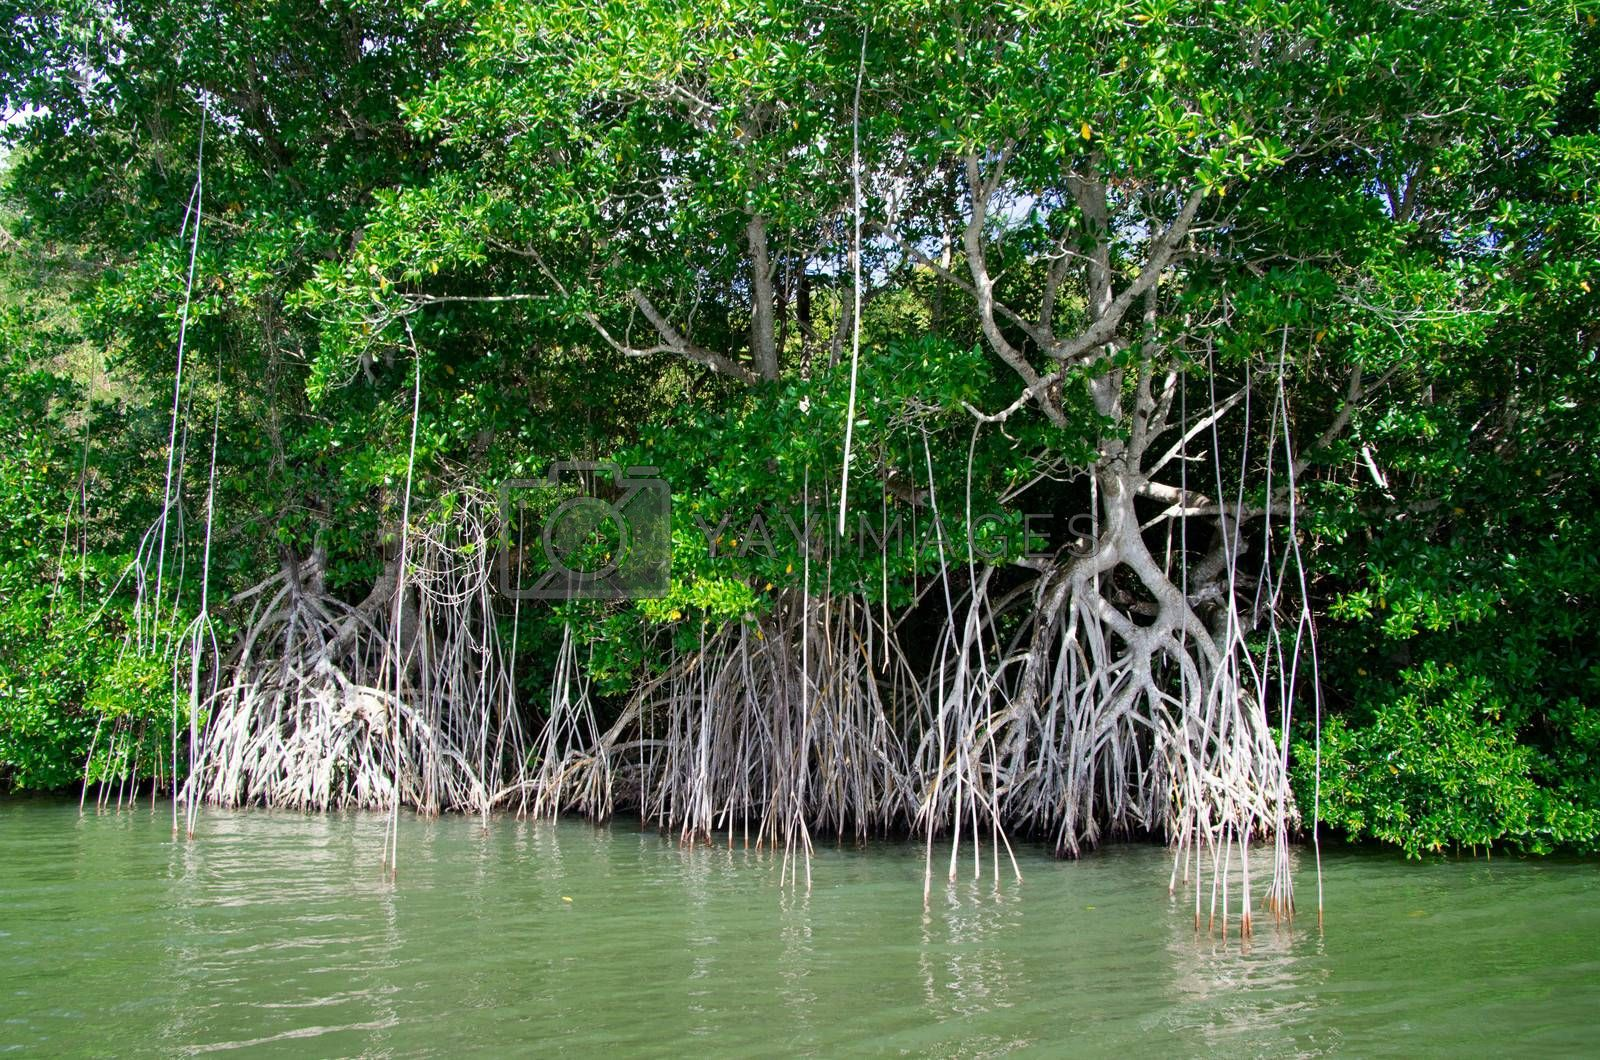 Royalty free image of mangrove trees  by Pakhnyushchyy